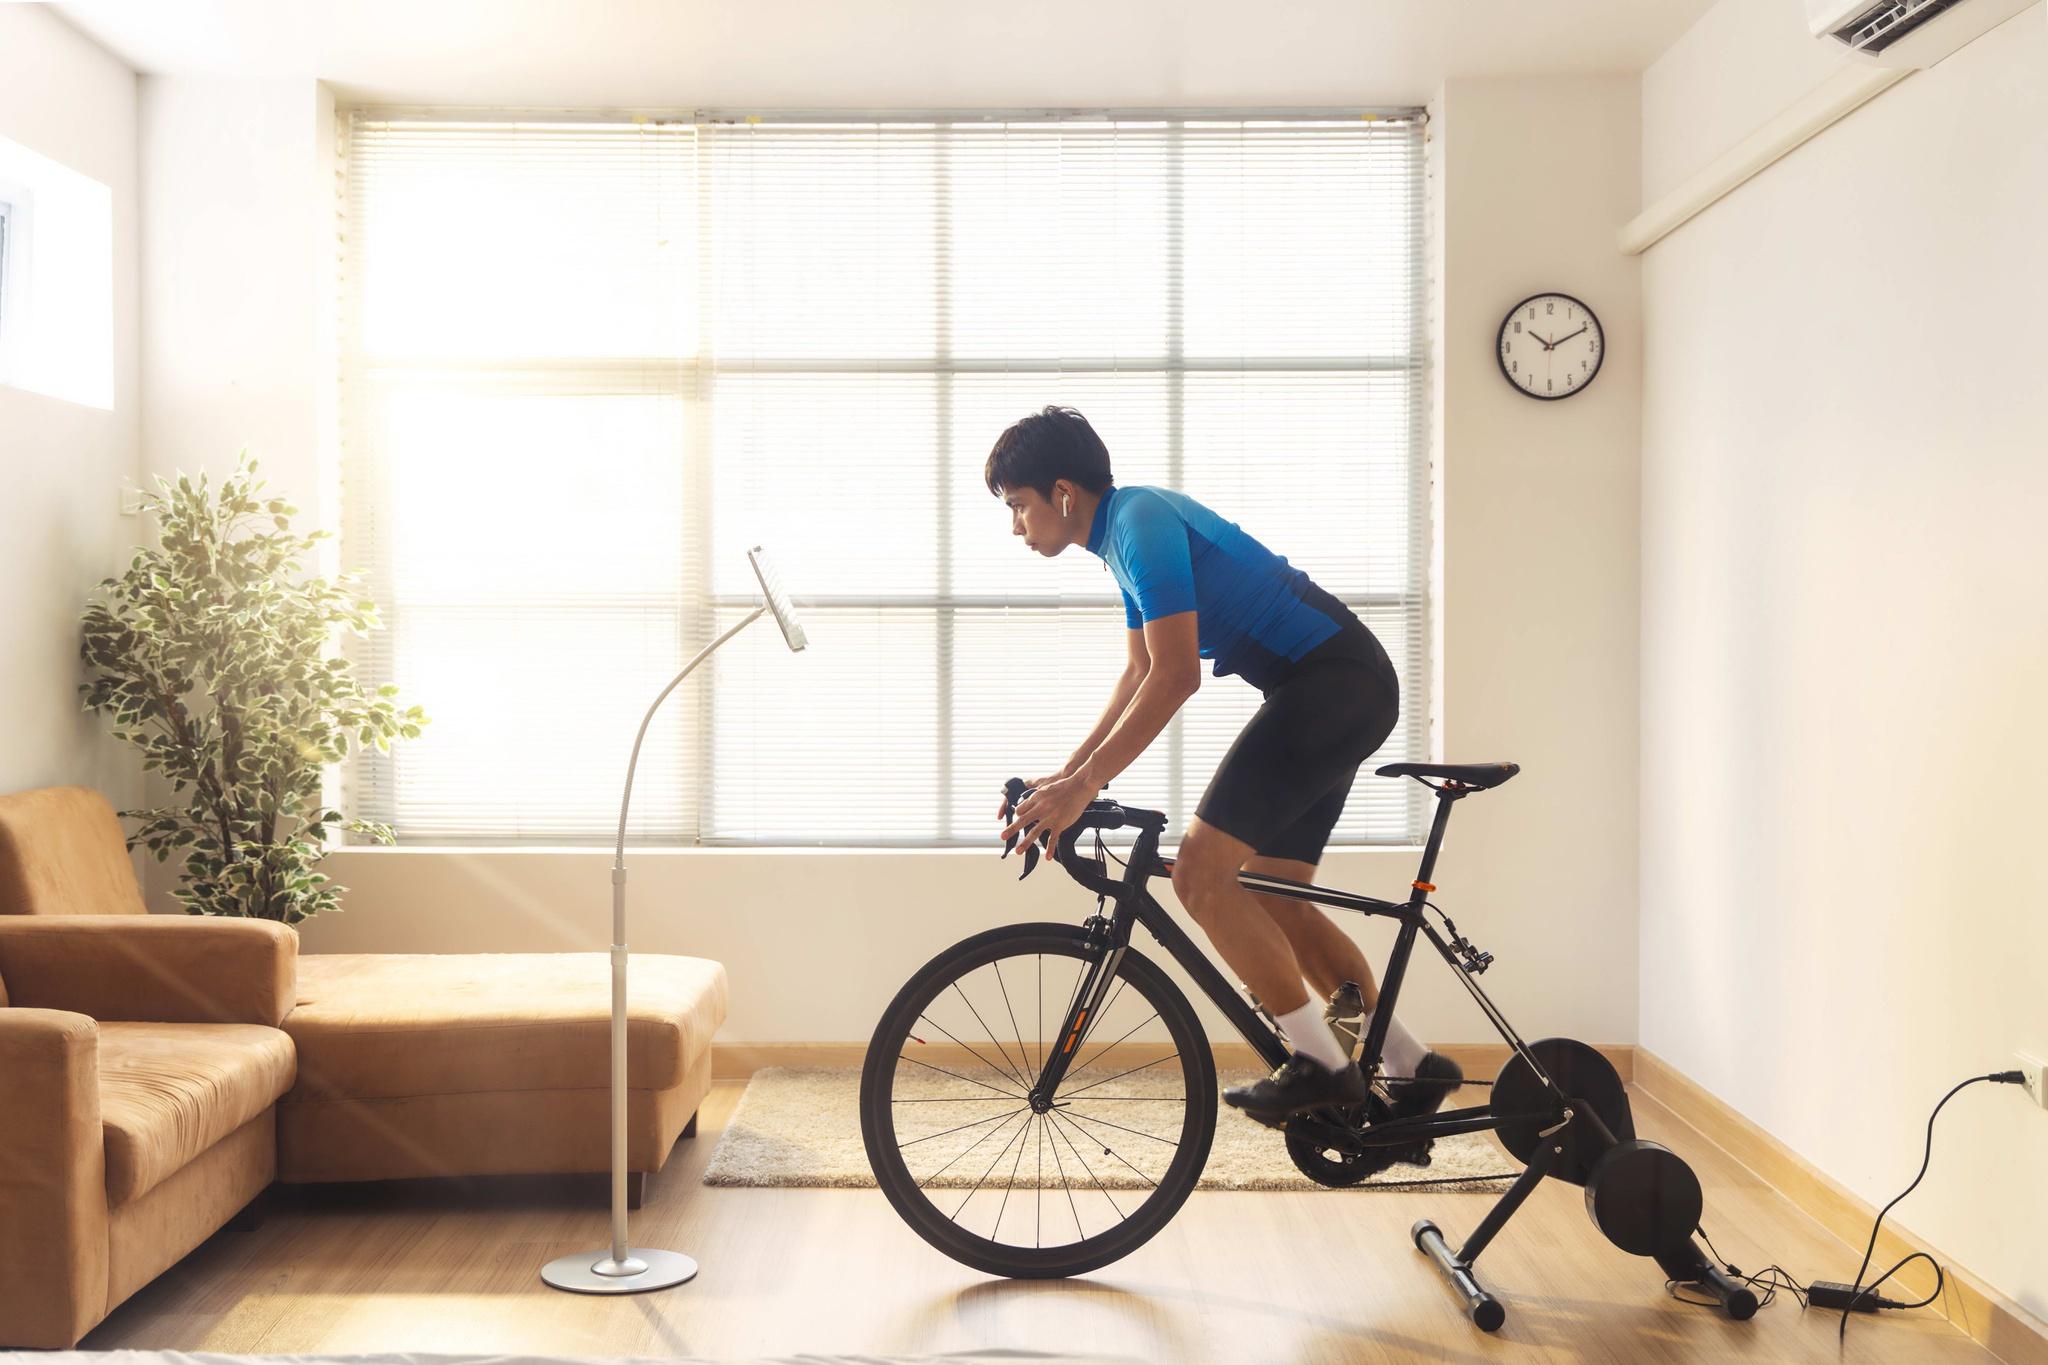 Tập thể dục ít nhất 150 phút/tuần là thói quen tốt cho sức khỏe /// ảnh: shutterstock